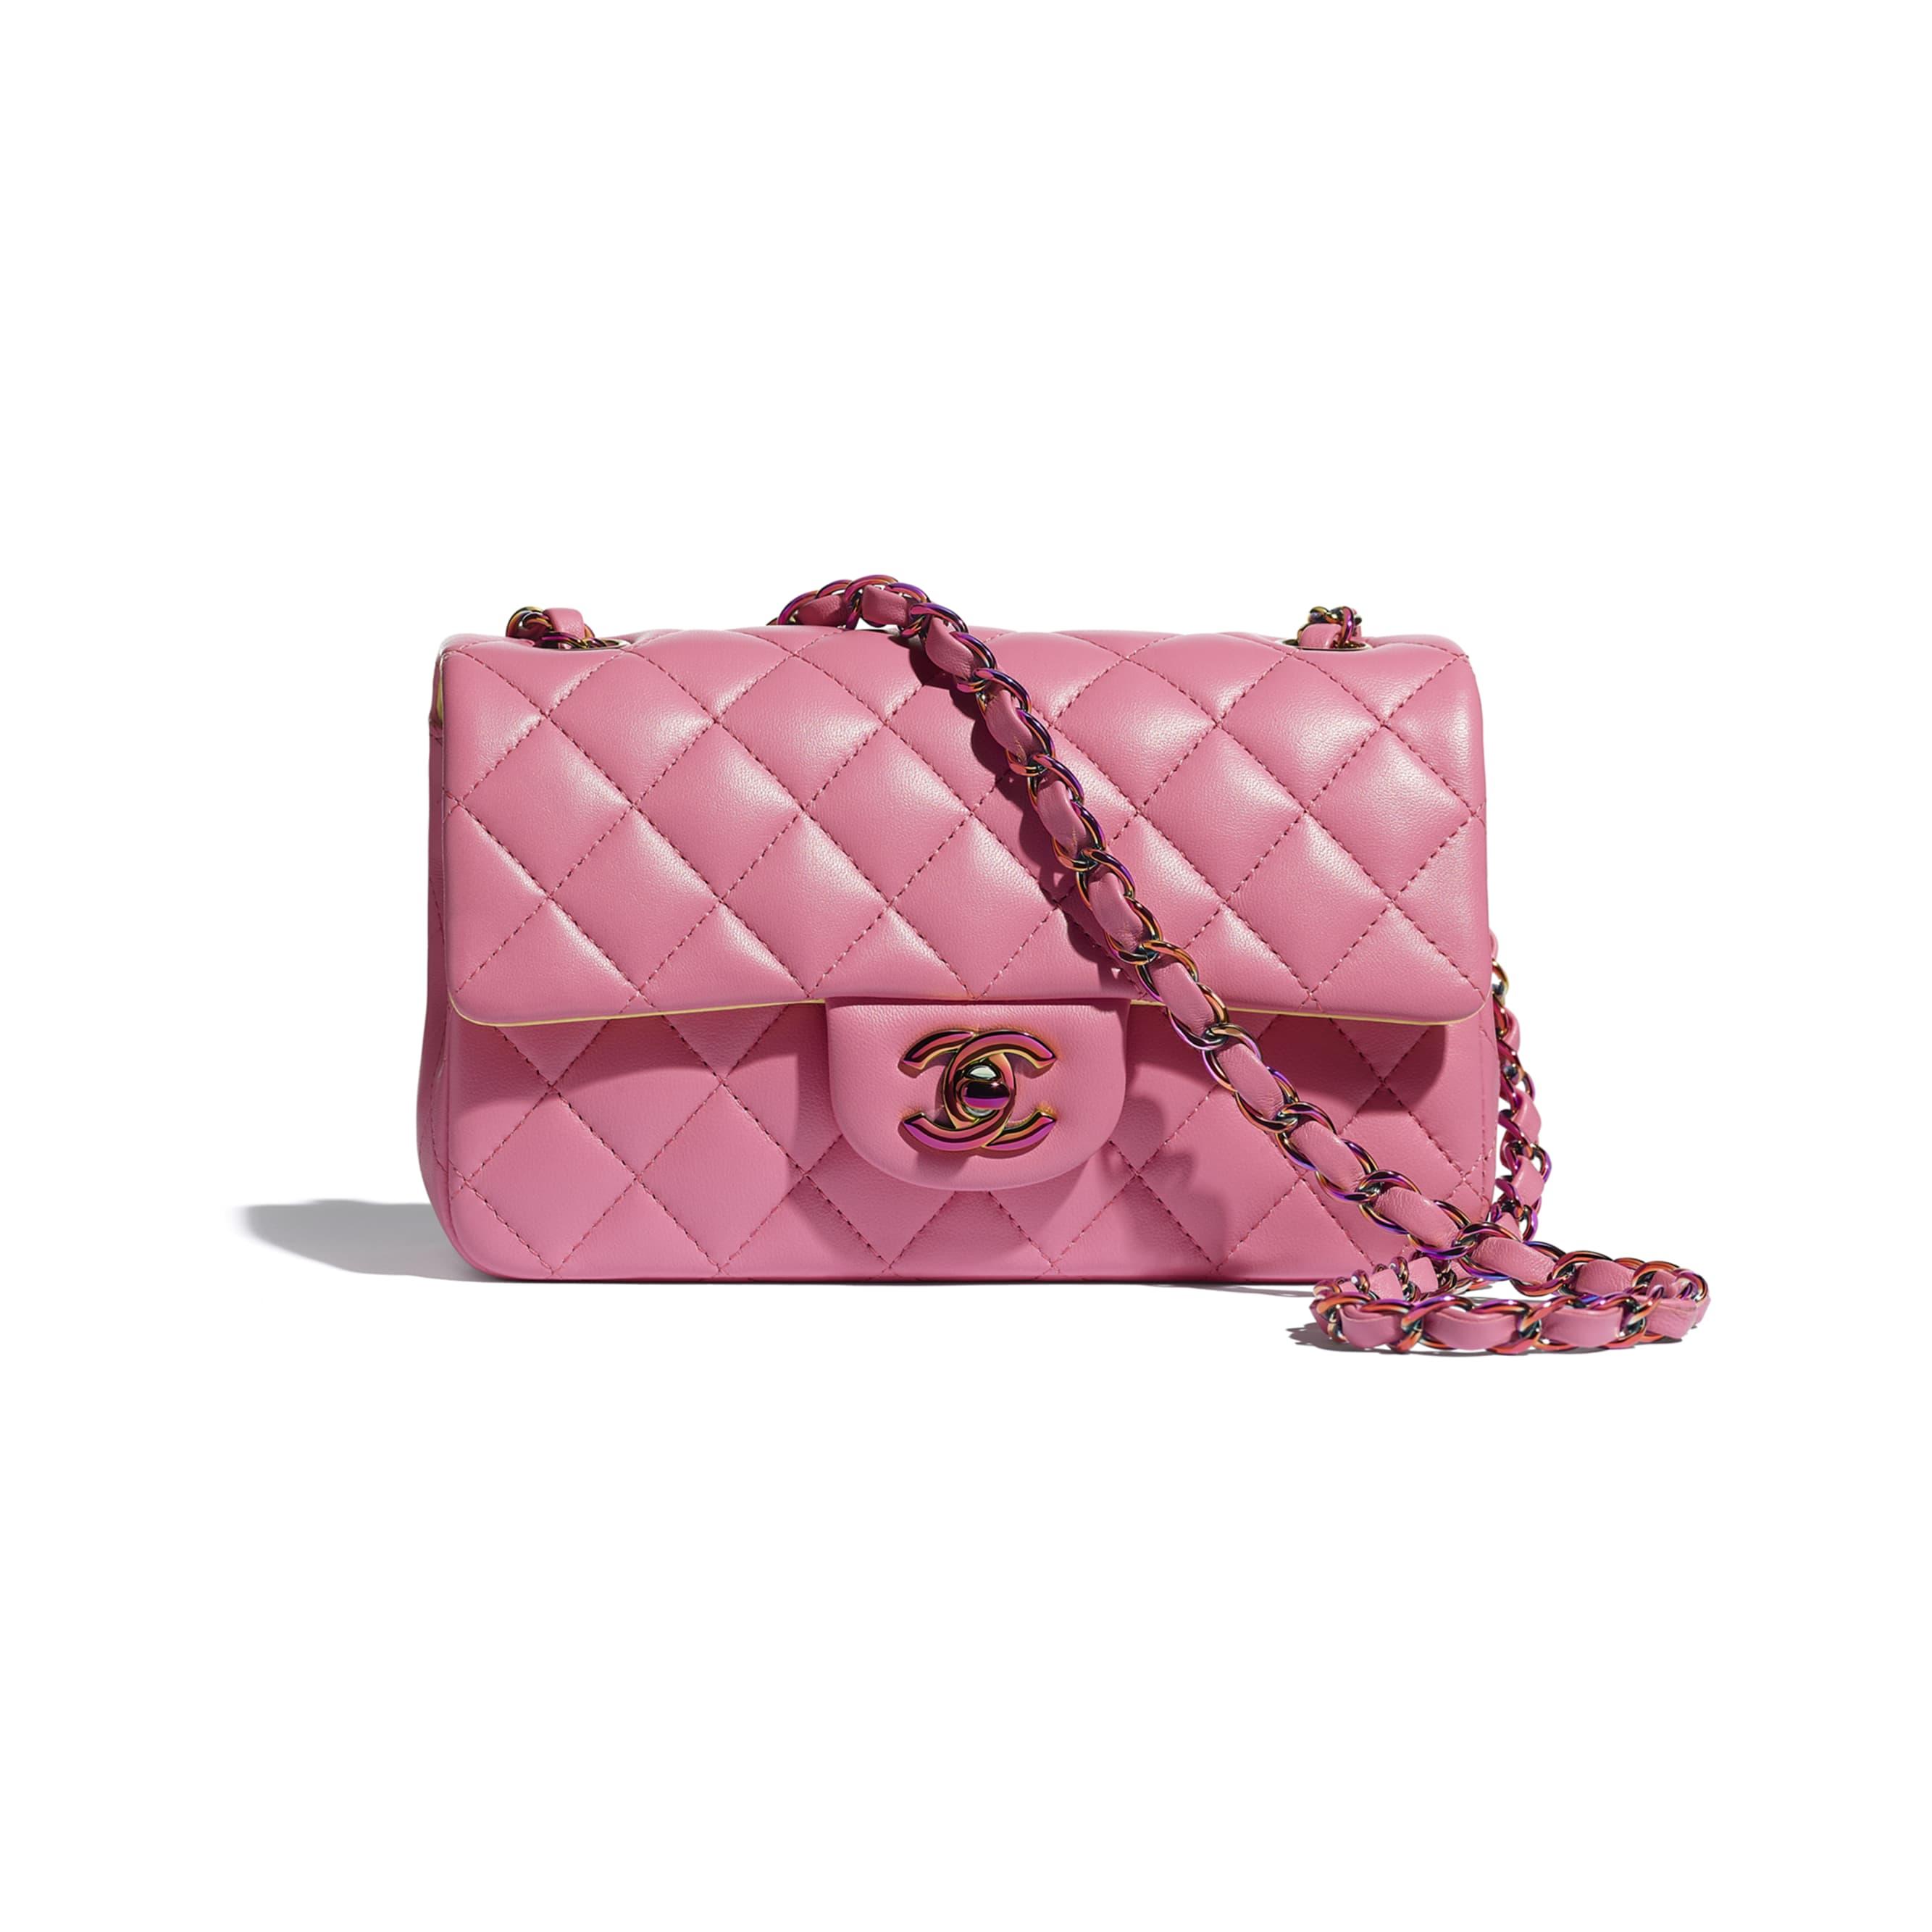 Сумка-конверт - Розовый - Кожа ягненка и радужный металл - CHANEL - Вид по умолчанию - посмотреть изображение стандартного размера